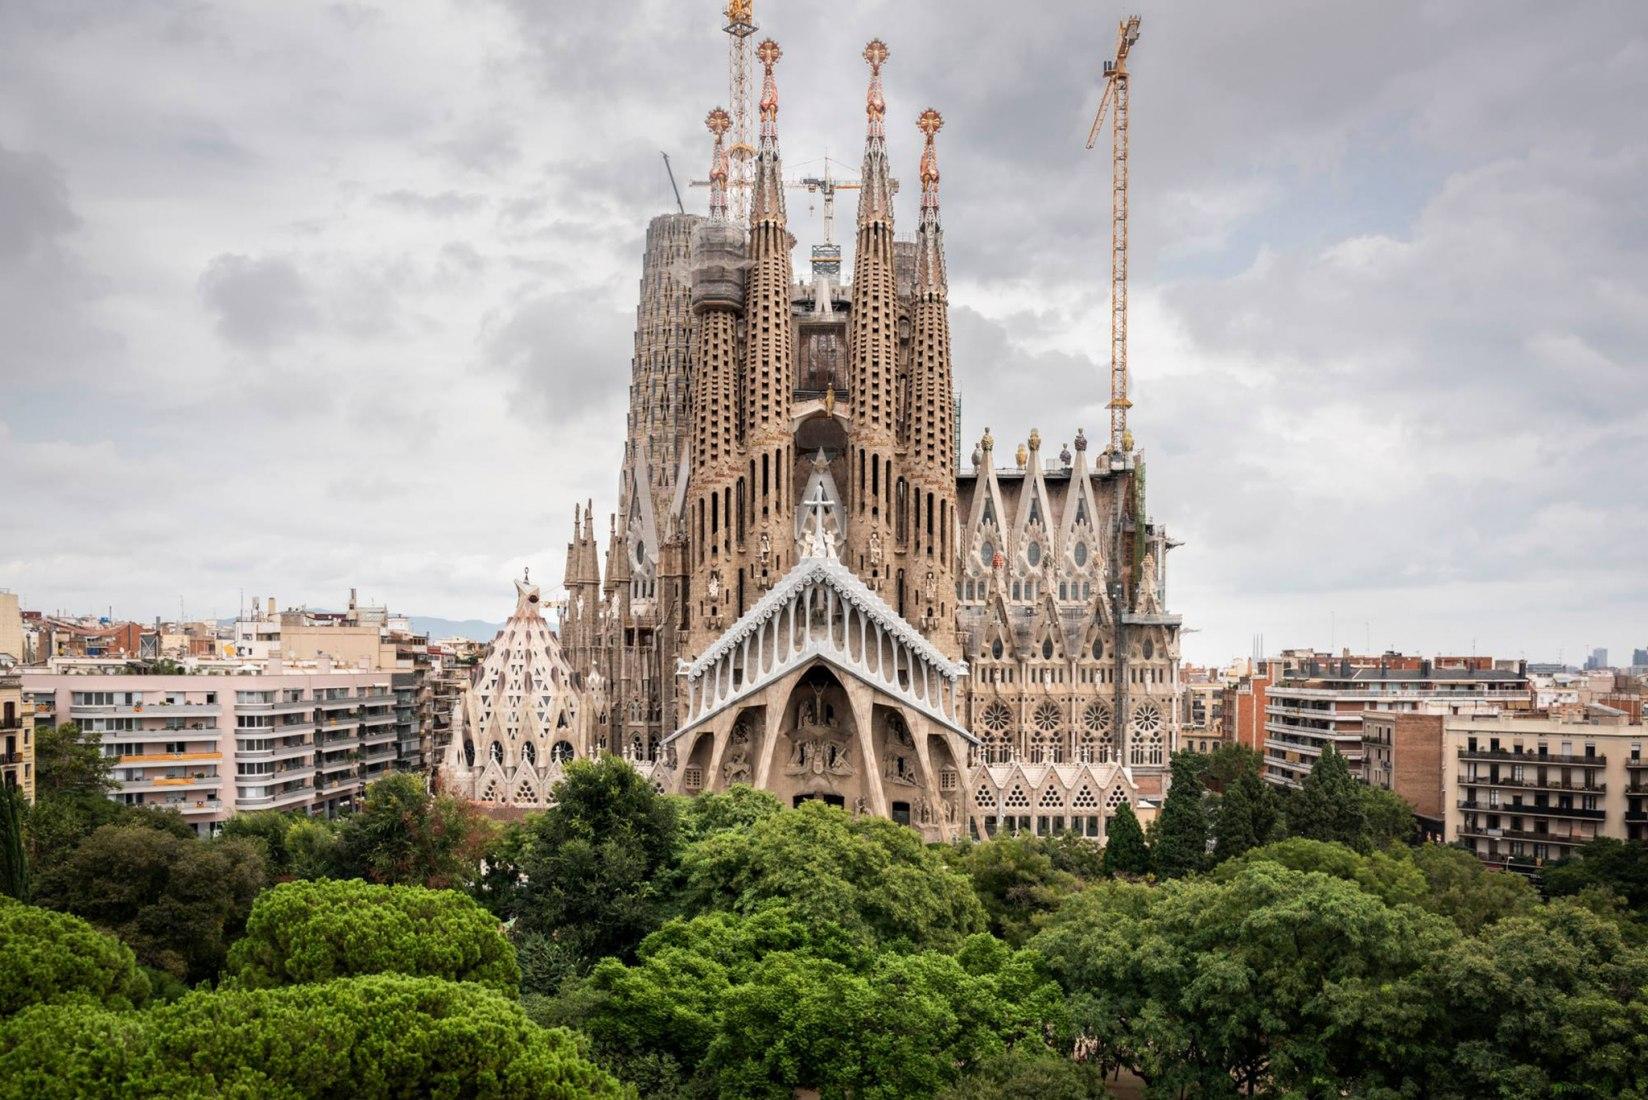 כנסיית סגרדה פמיליה של גאודי נבנתה ללא היתר וחייבת לשלם חוב של 36 מיליון אירו, בכדי להמשיך בעבודותיה